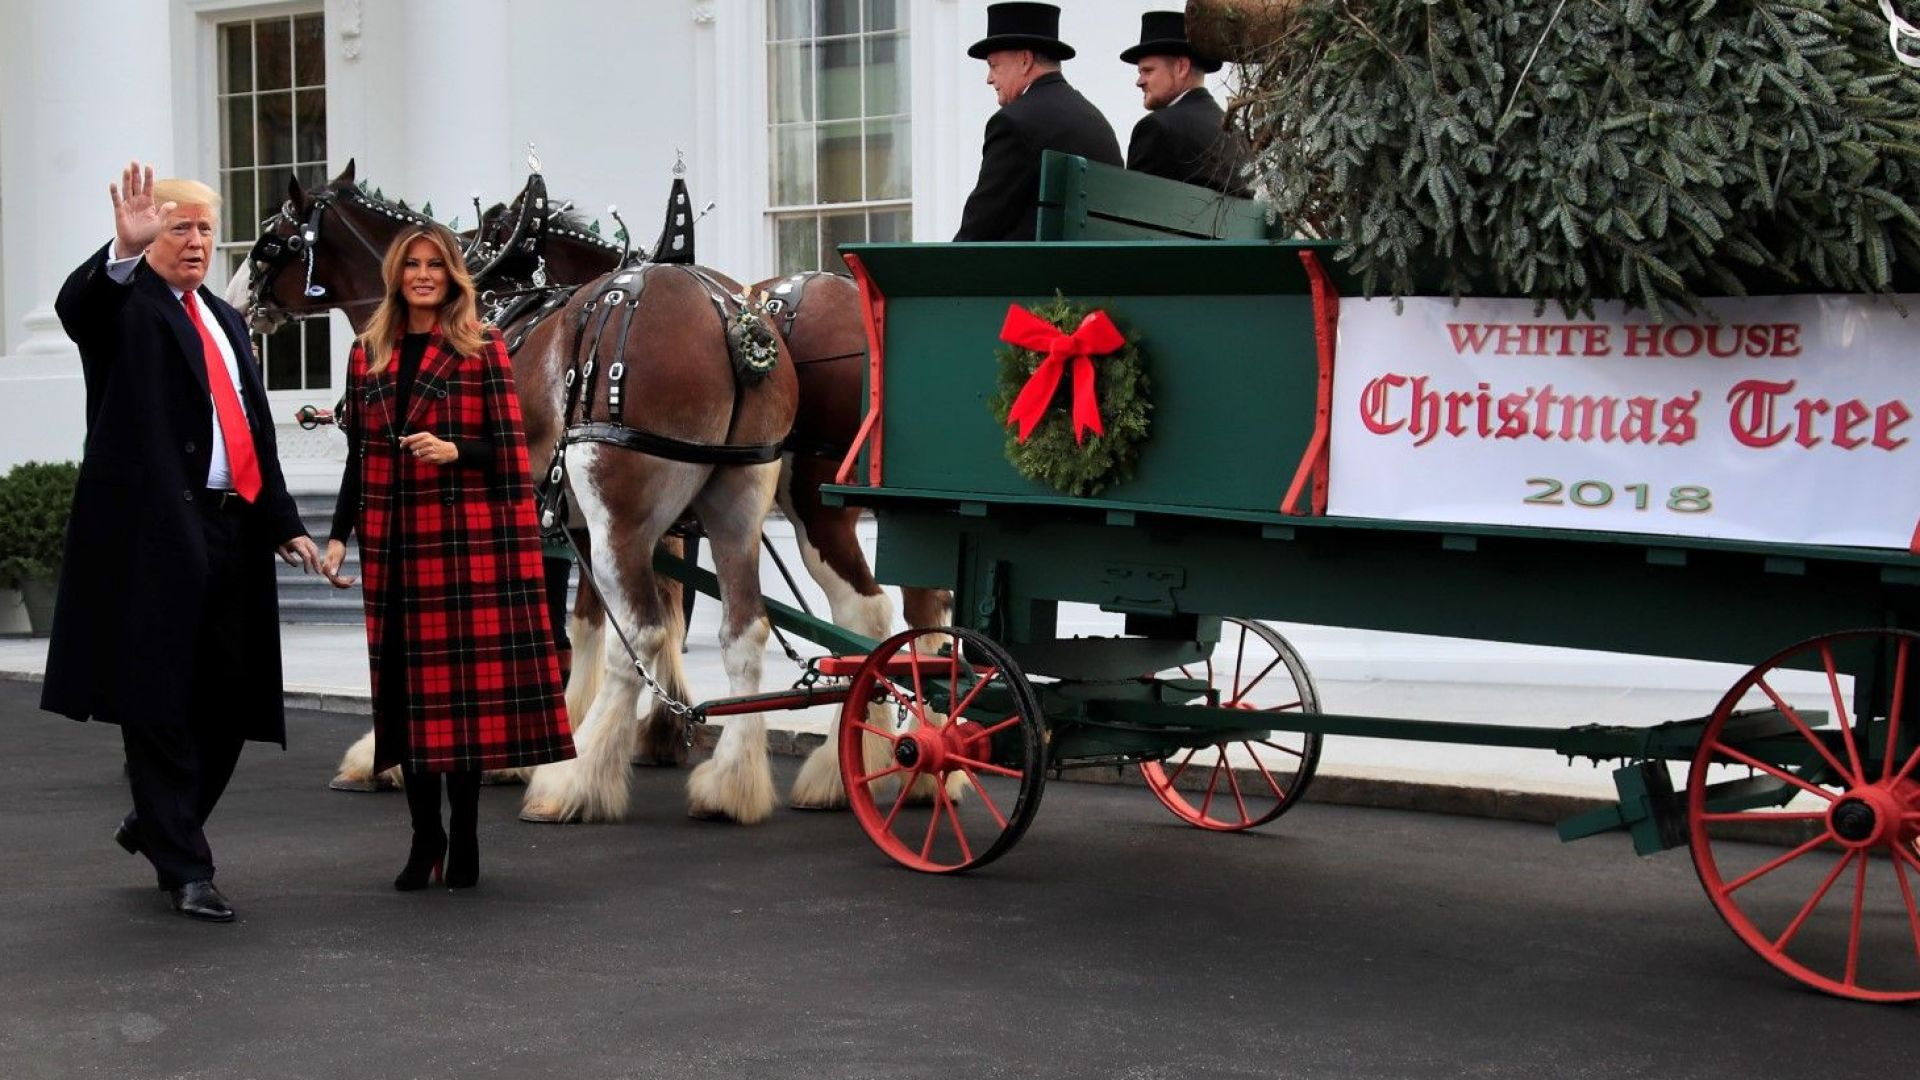 Мелания и Доналд посрещнаха коледното дърво в Белия дом